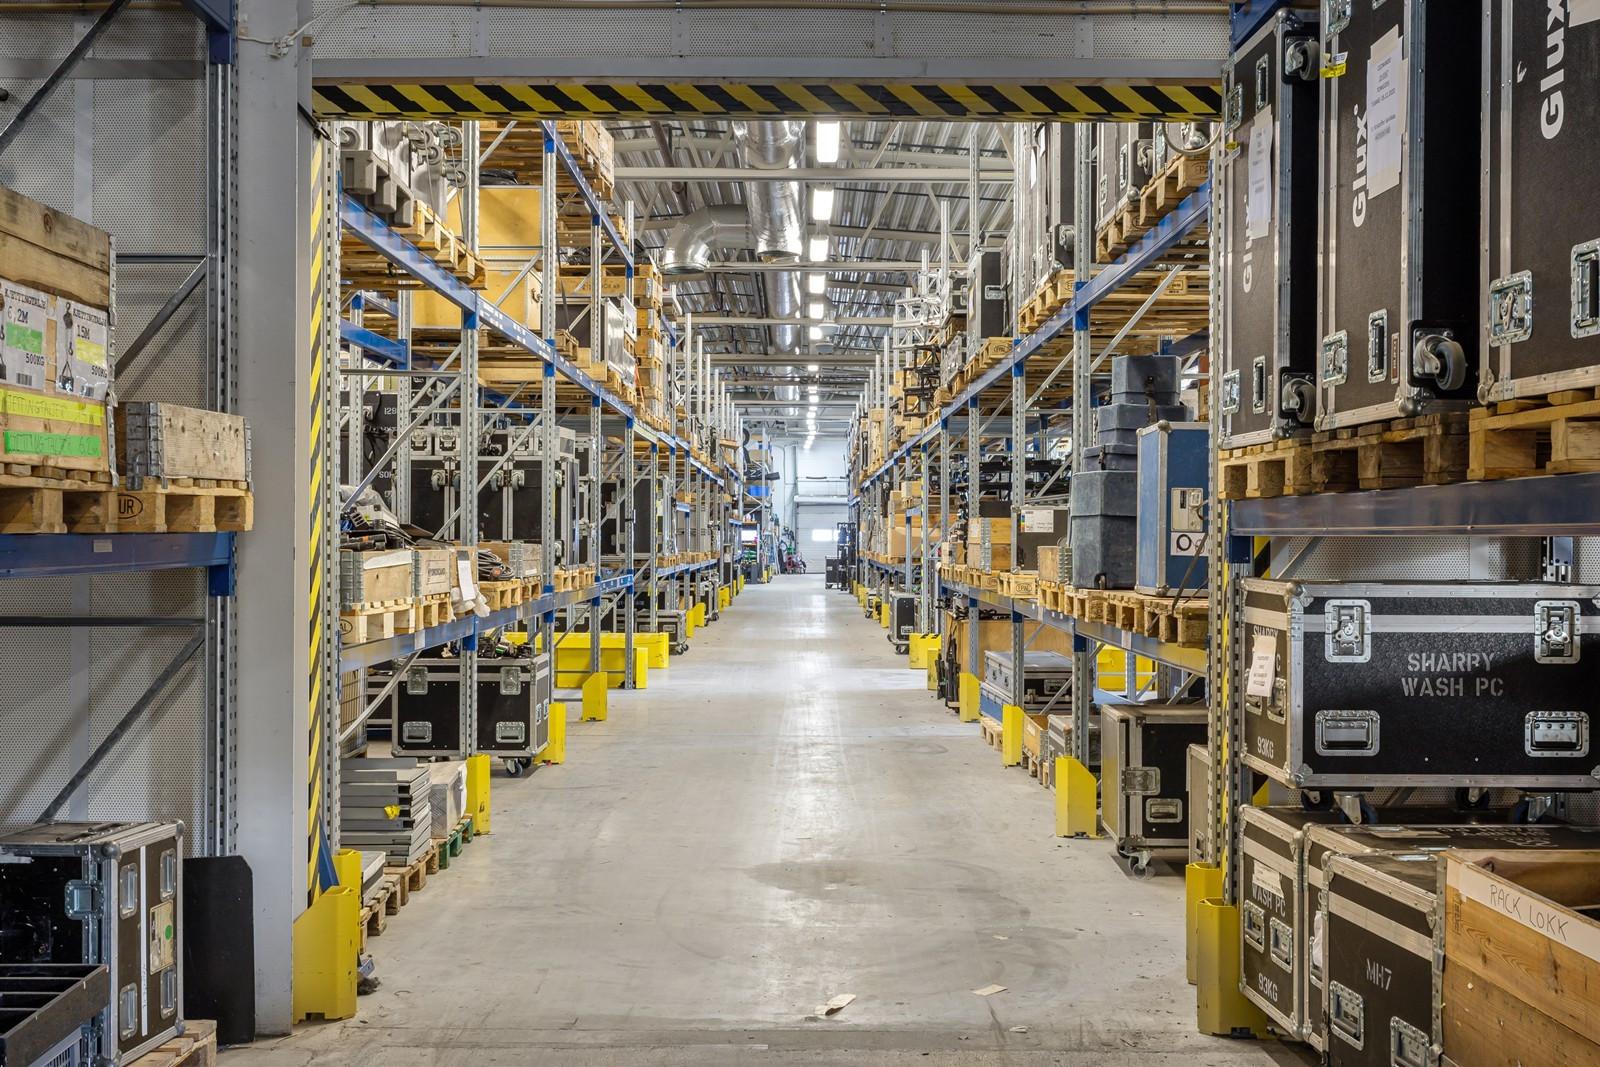 Effektive lagerlokaler